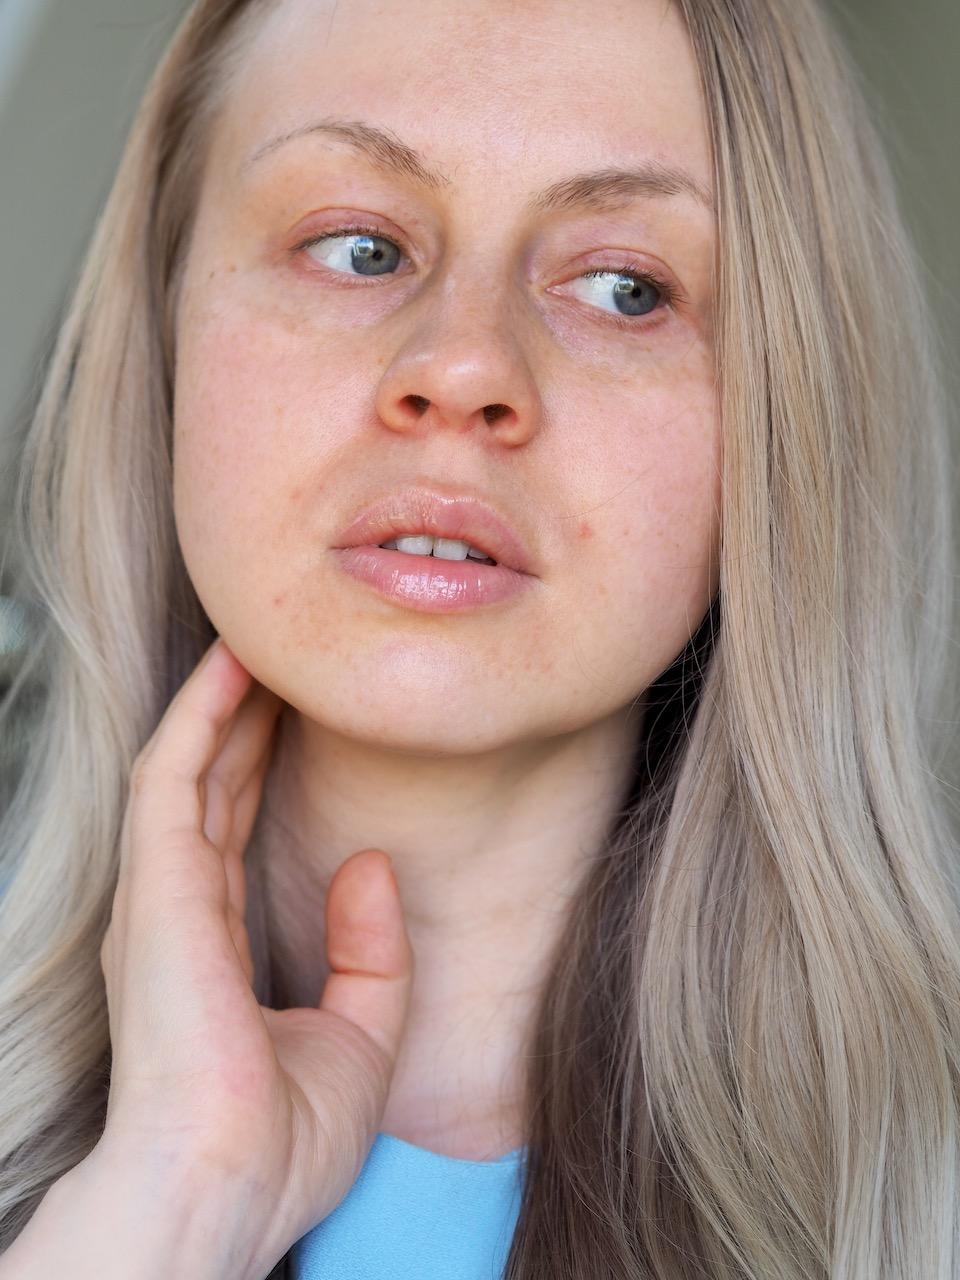 Kuinka tuntea olo paremmaksi ilman meikkiä